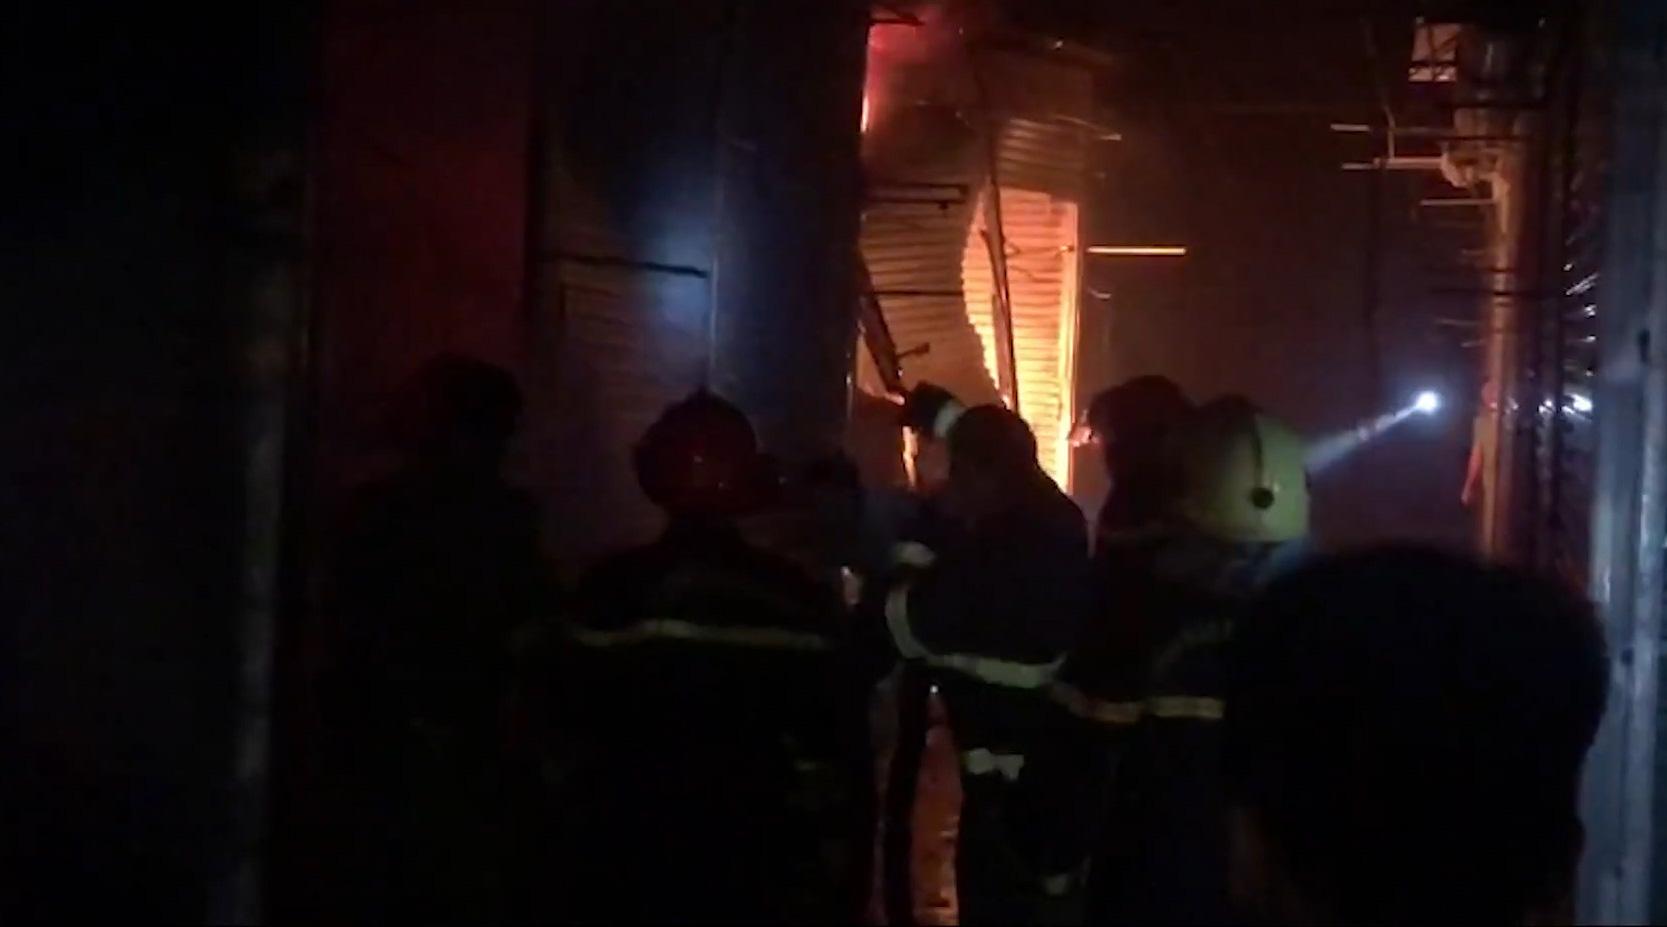 Điện Biên: Cháy lớn tại chợ Noong Bua, cả chục ki-ốt bị thiêu rụi hoàn toàn - Ảnh 2.